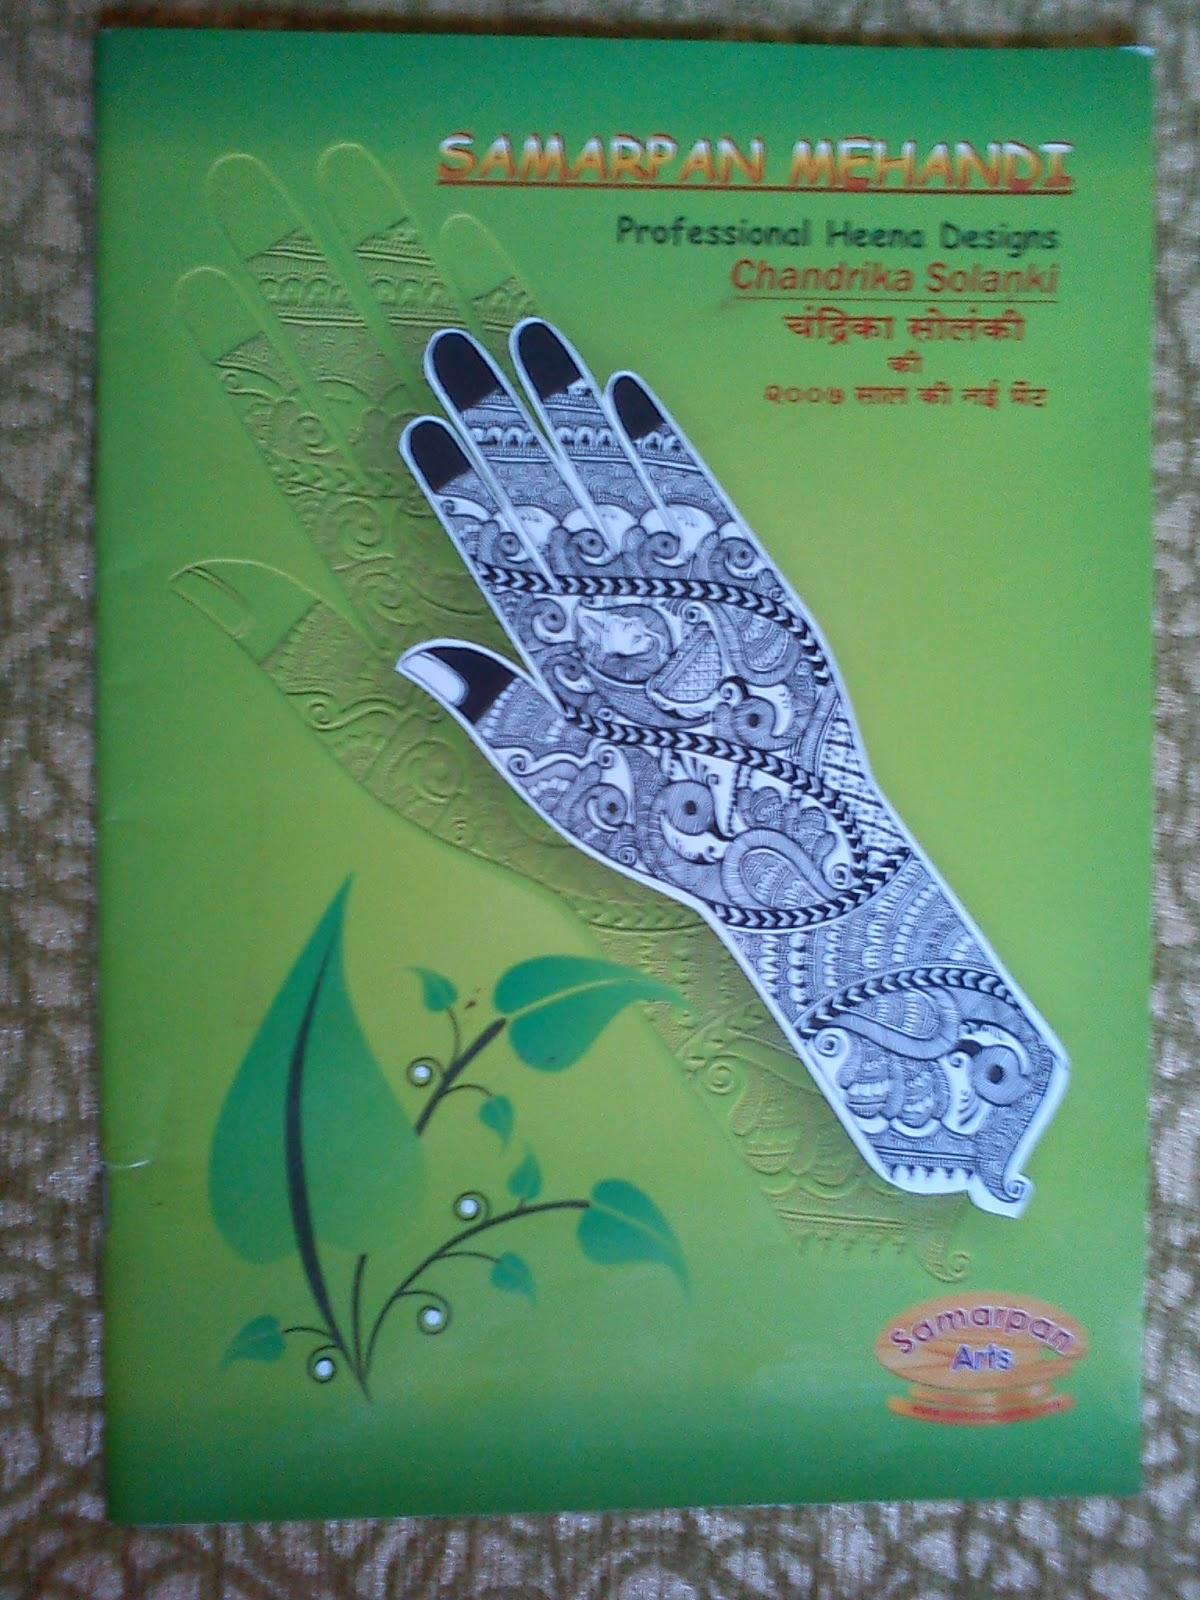 Samarpan Arts My Henna Books